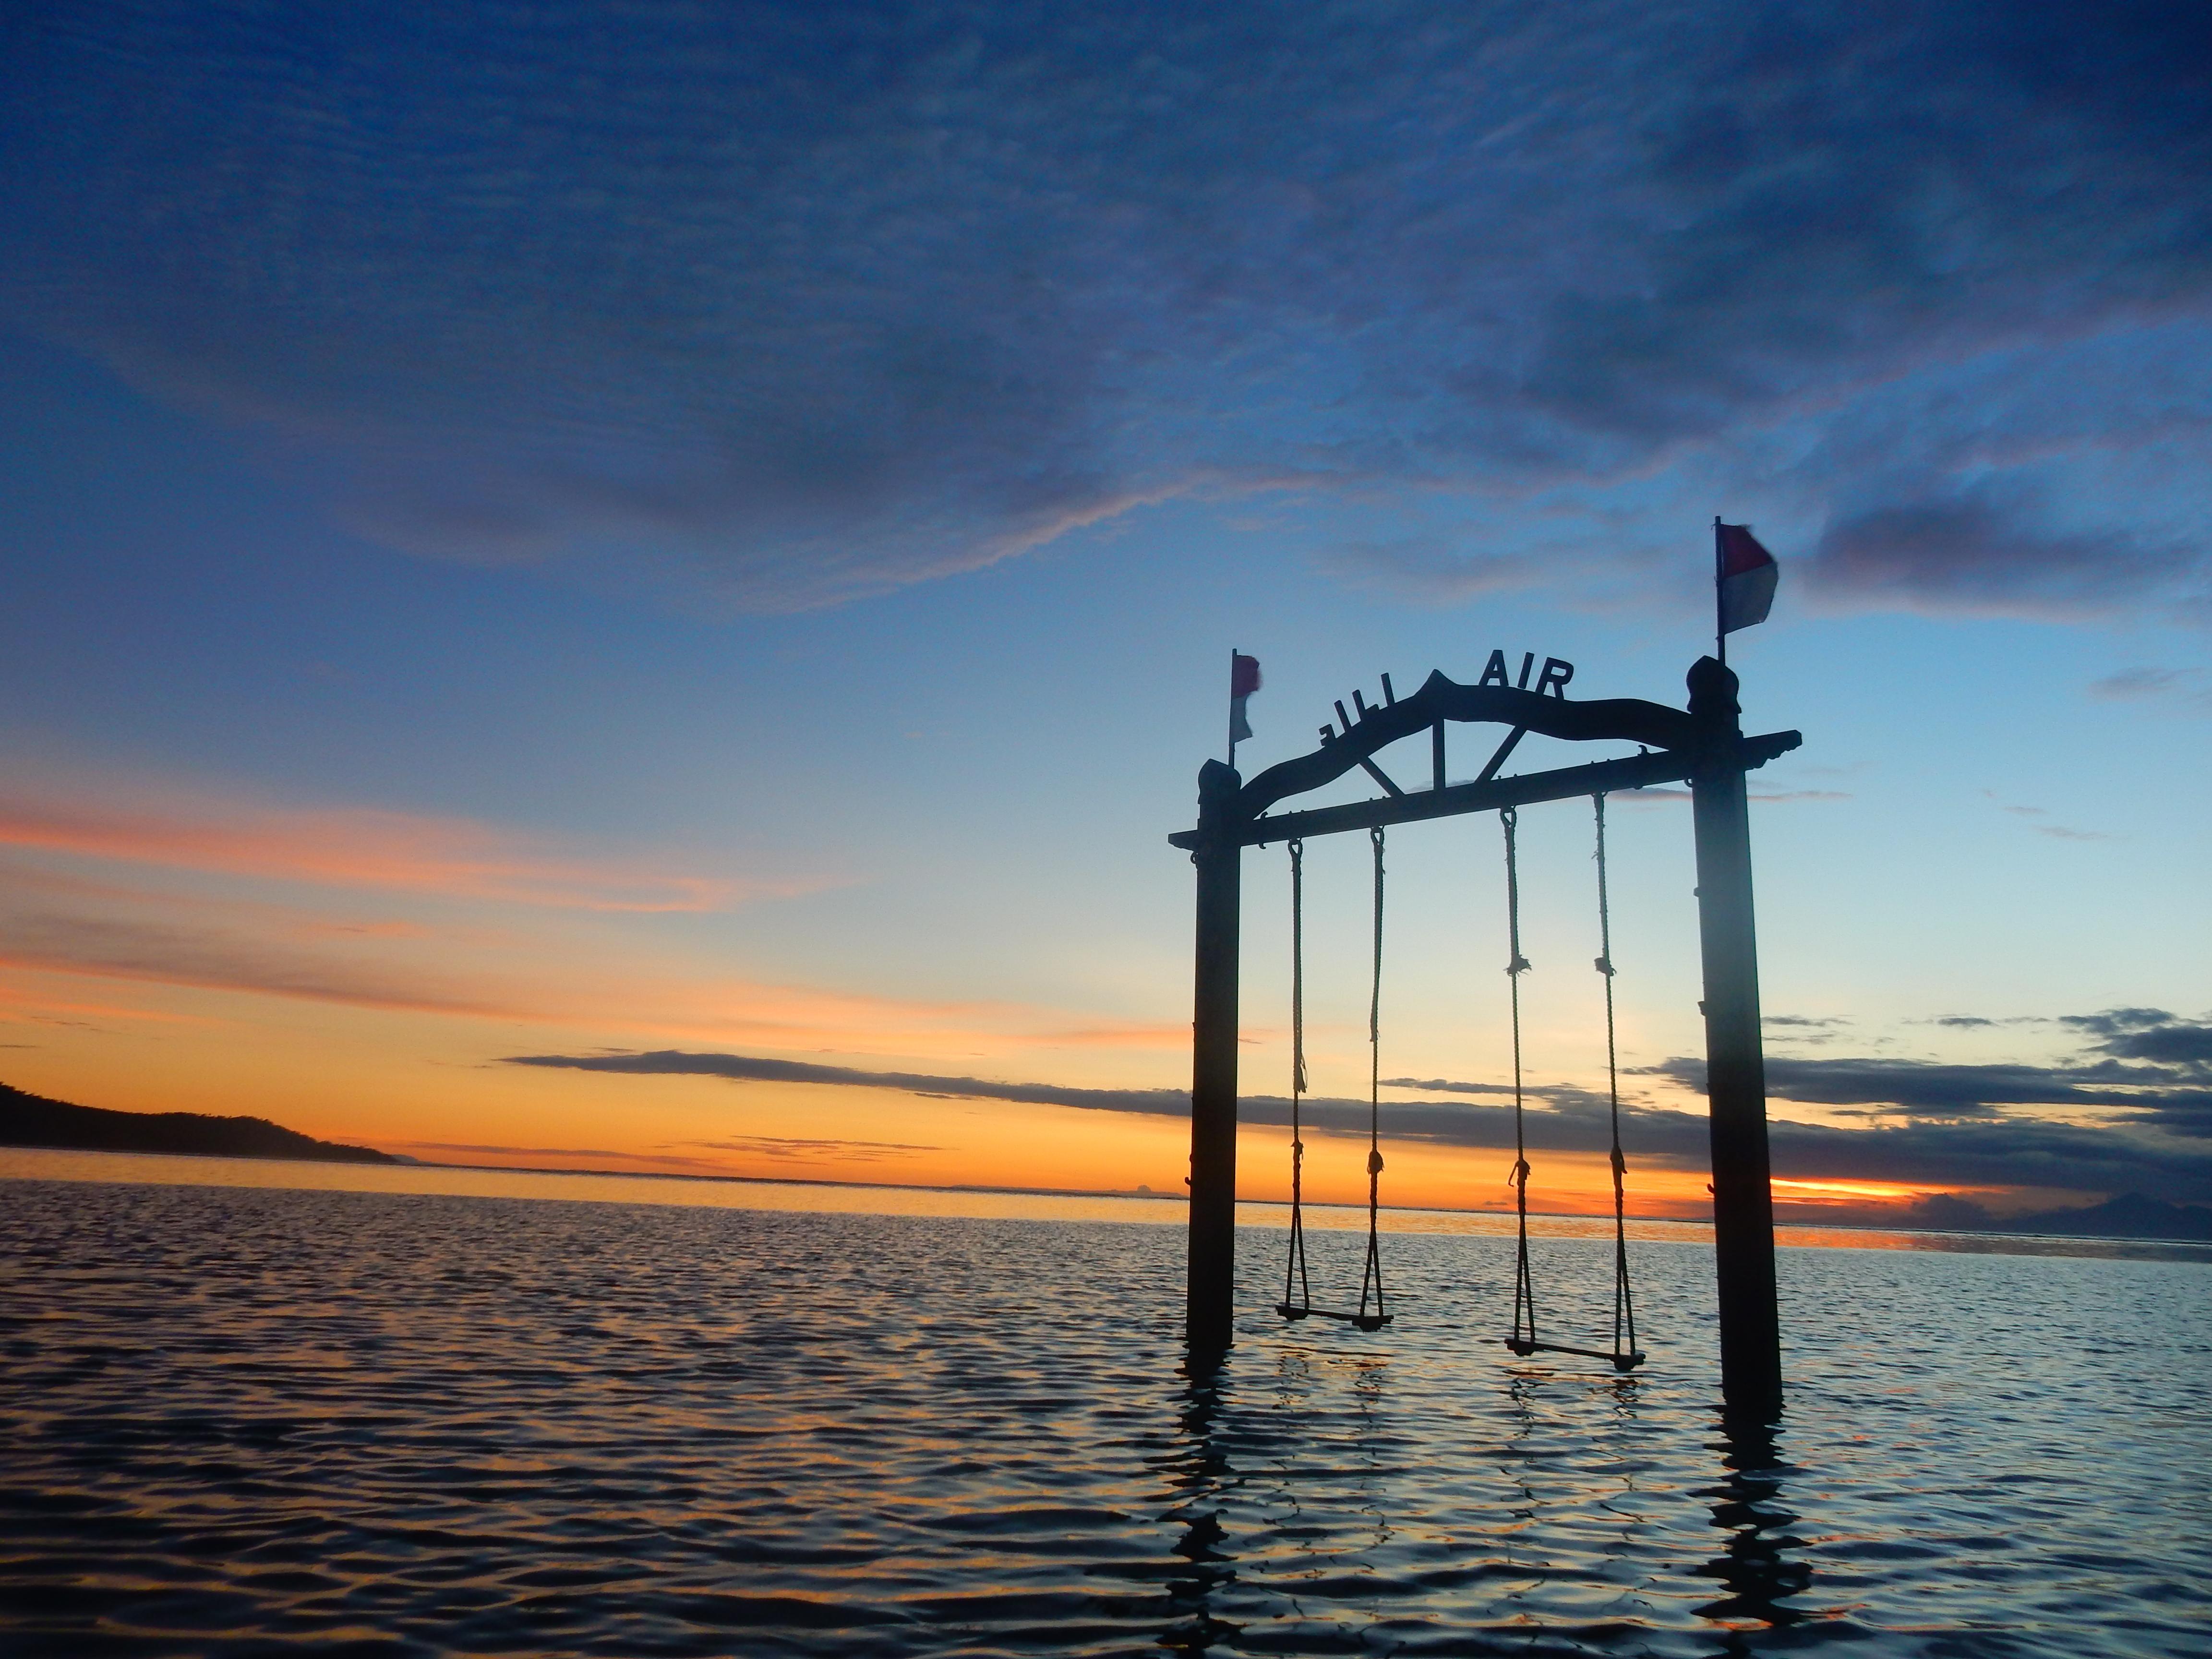 Balançoire coucher de soleil, Gili Air, Indonésie